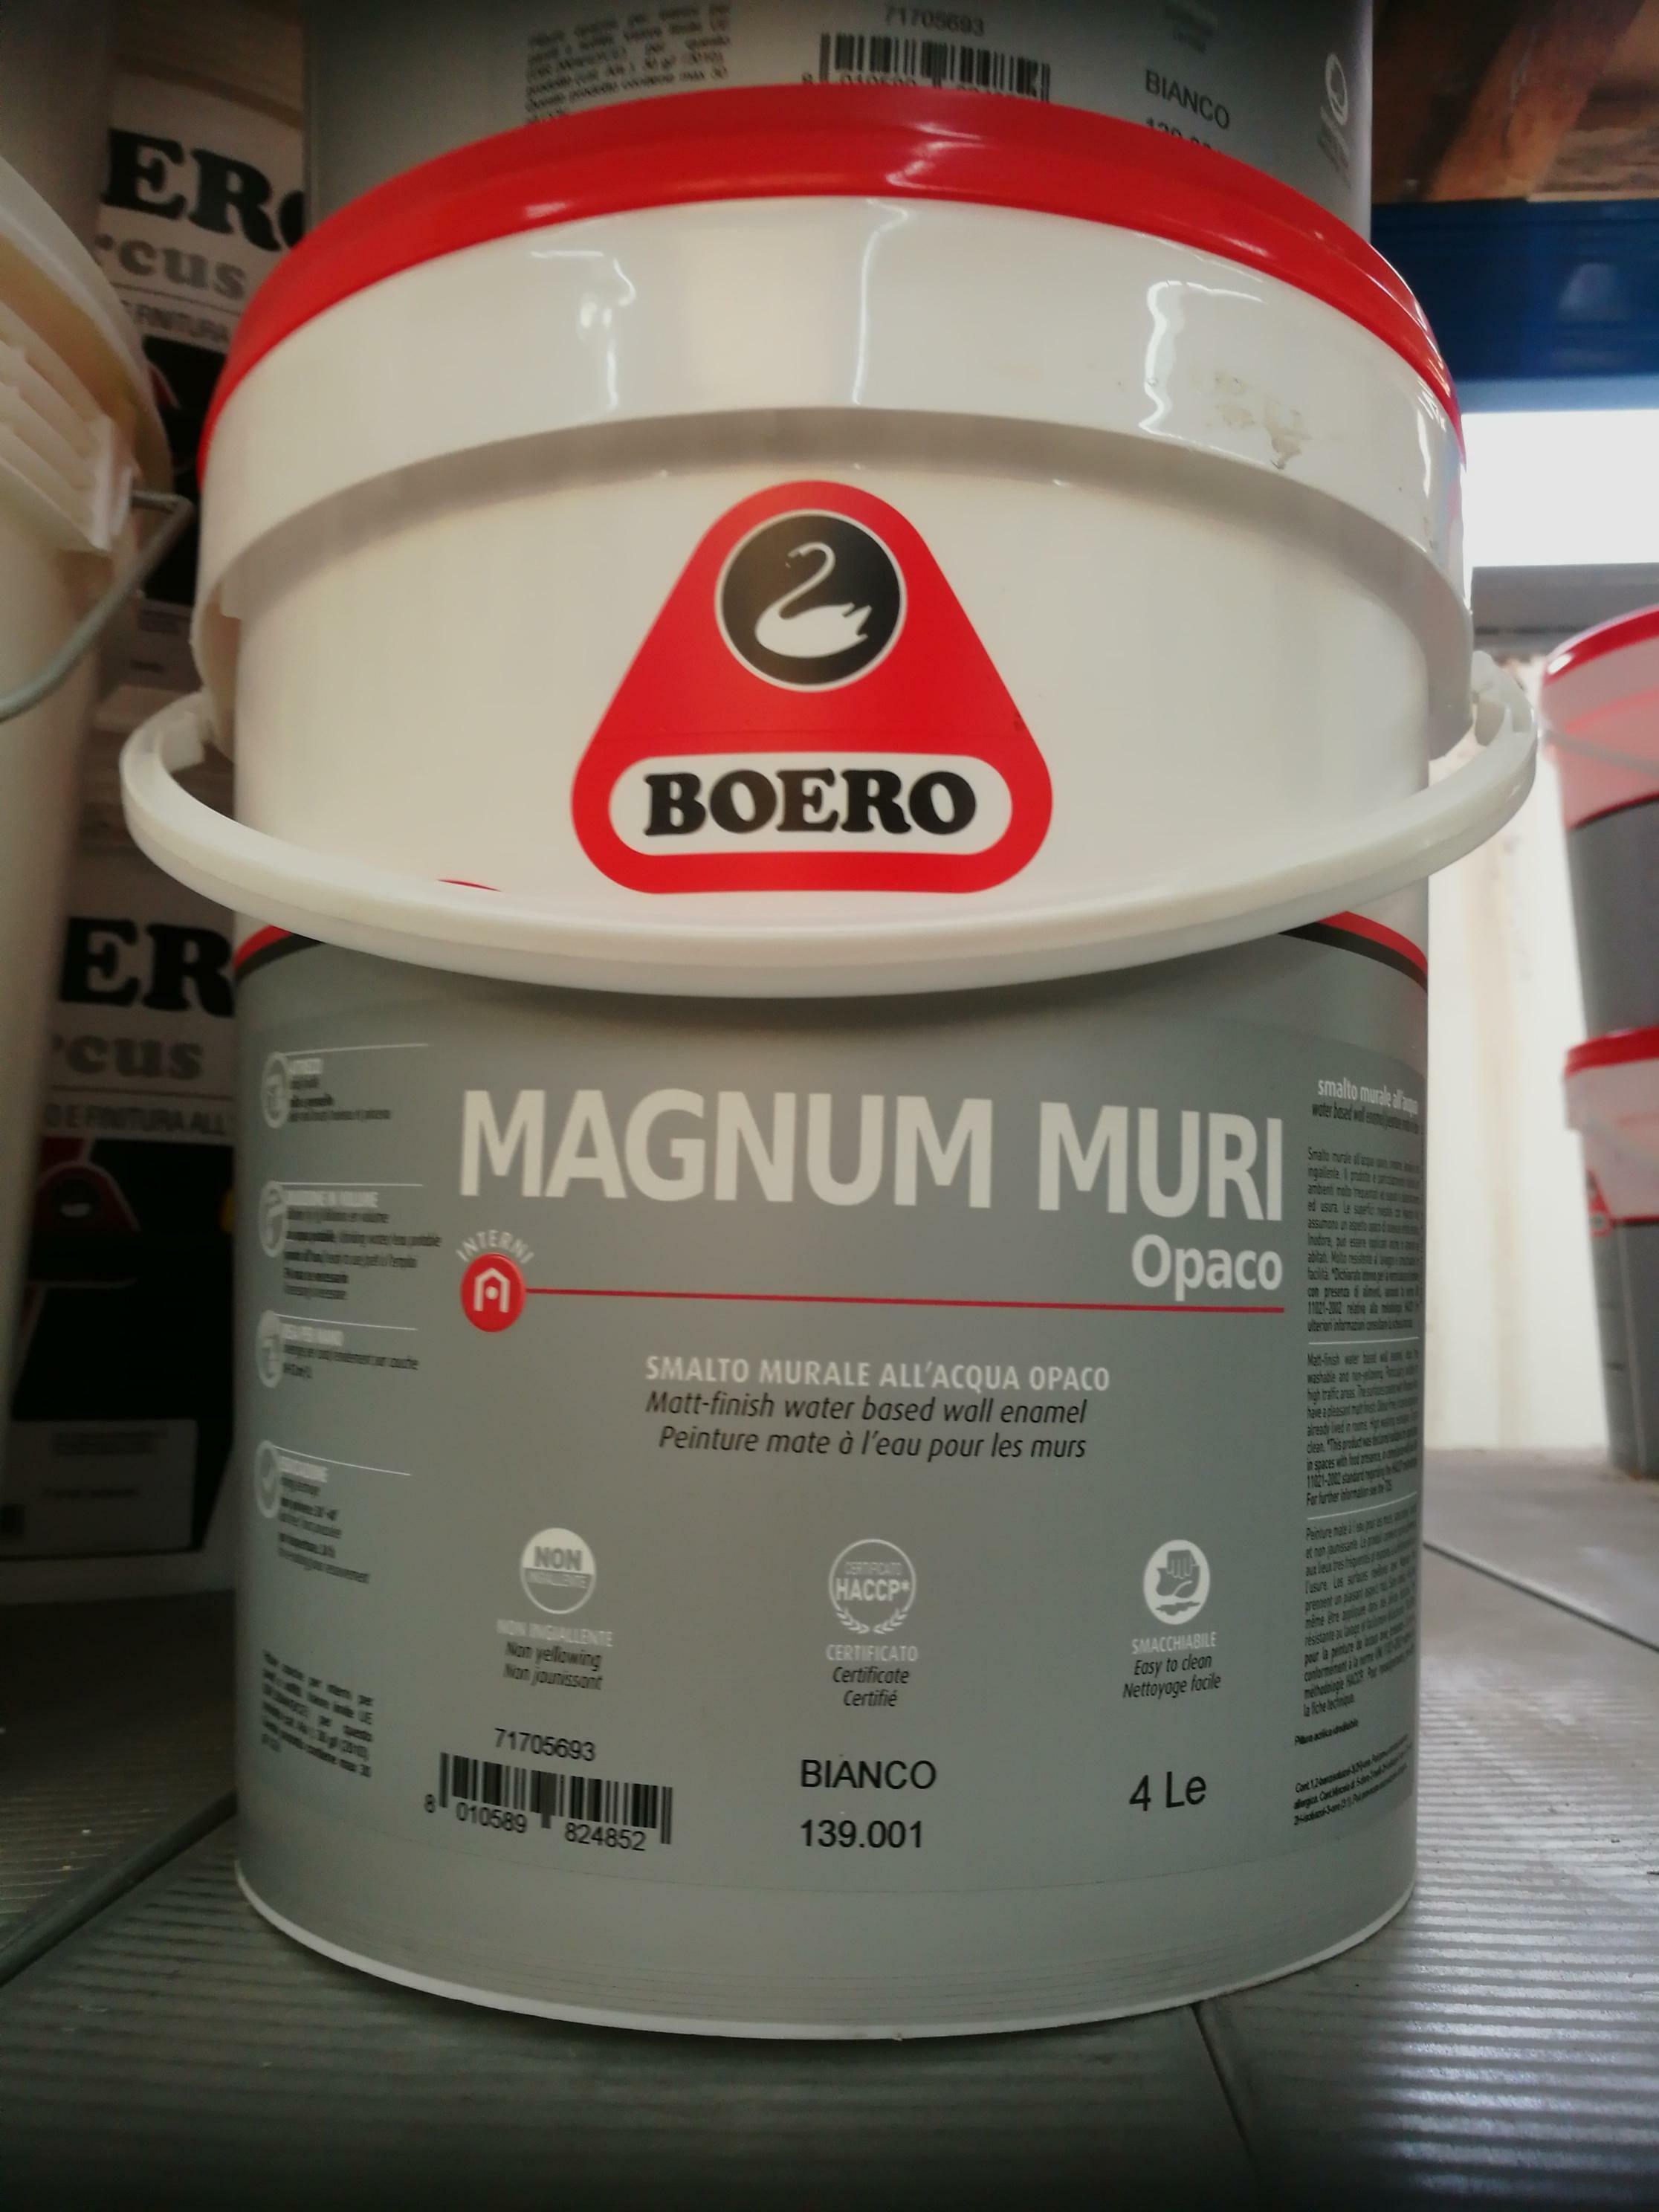 boero boero magnum per muri opaco bianco 4 litri smalto opaco per muri all'acqua idoneo per ambienti con metodologia haccp